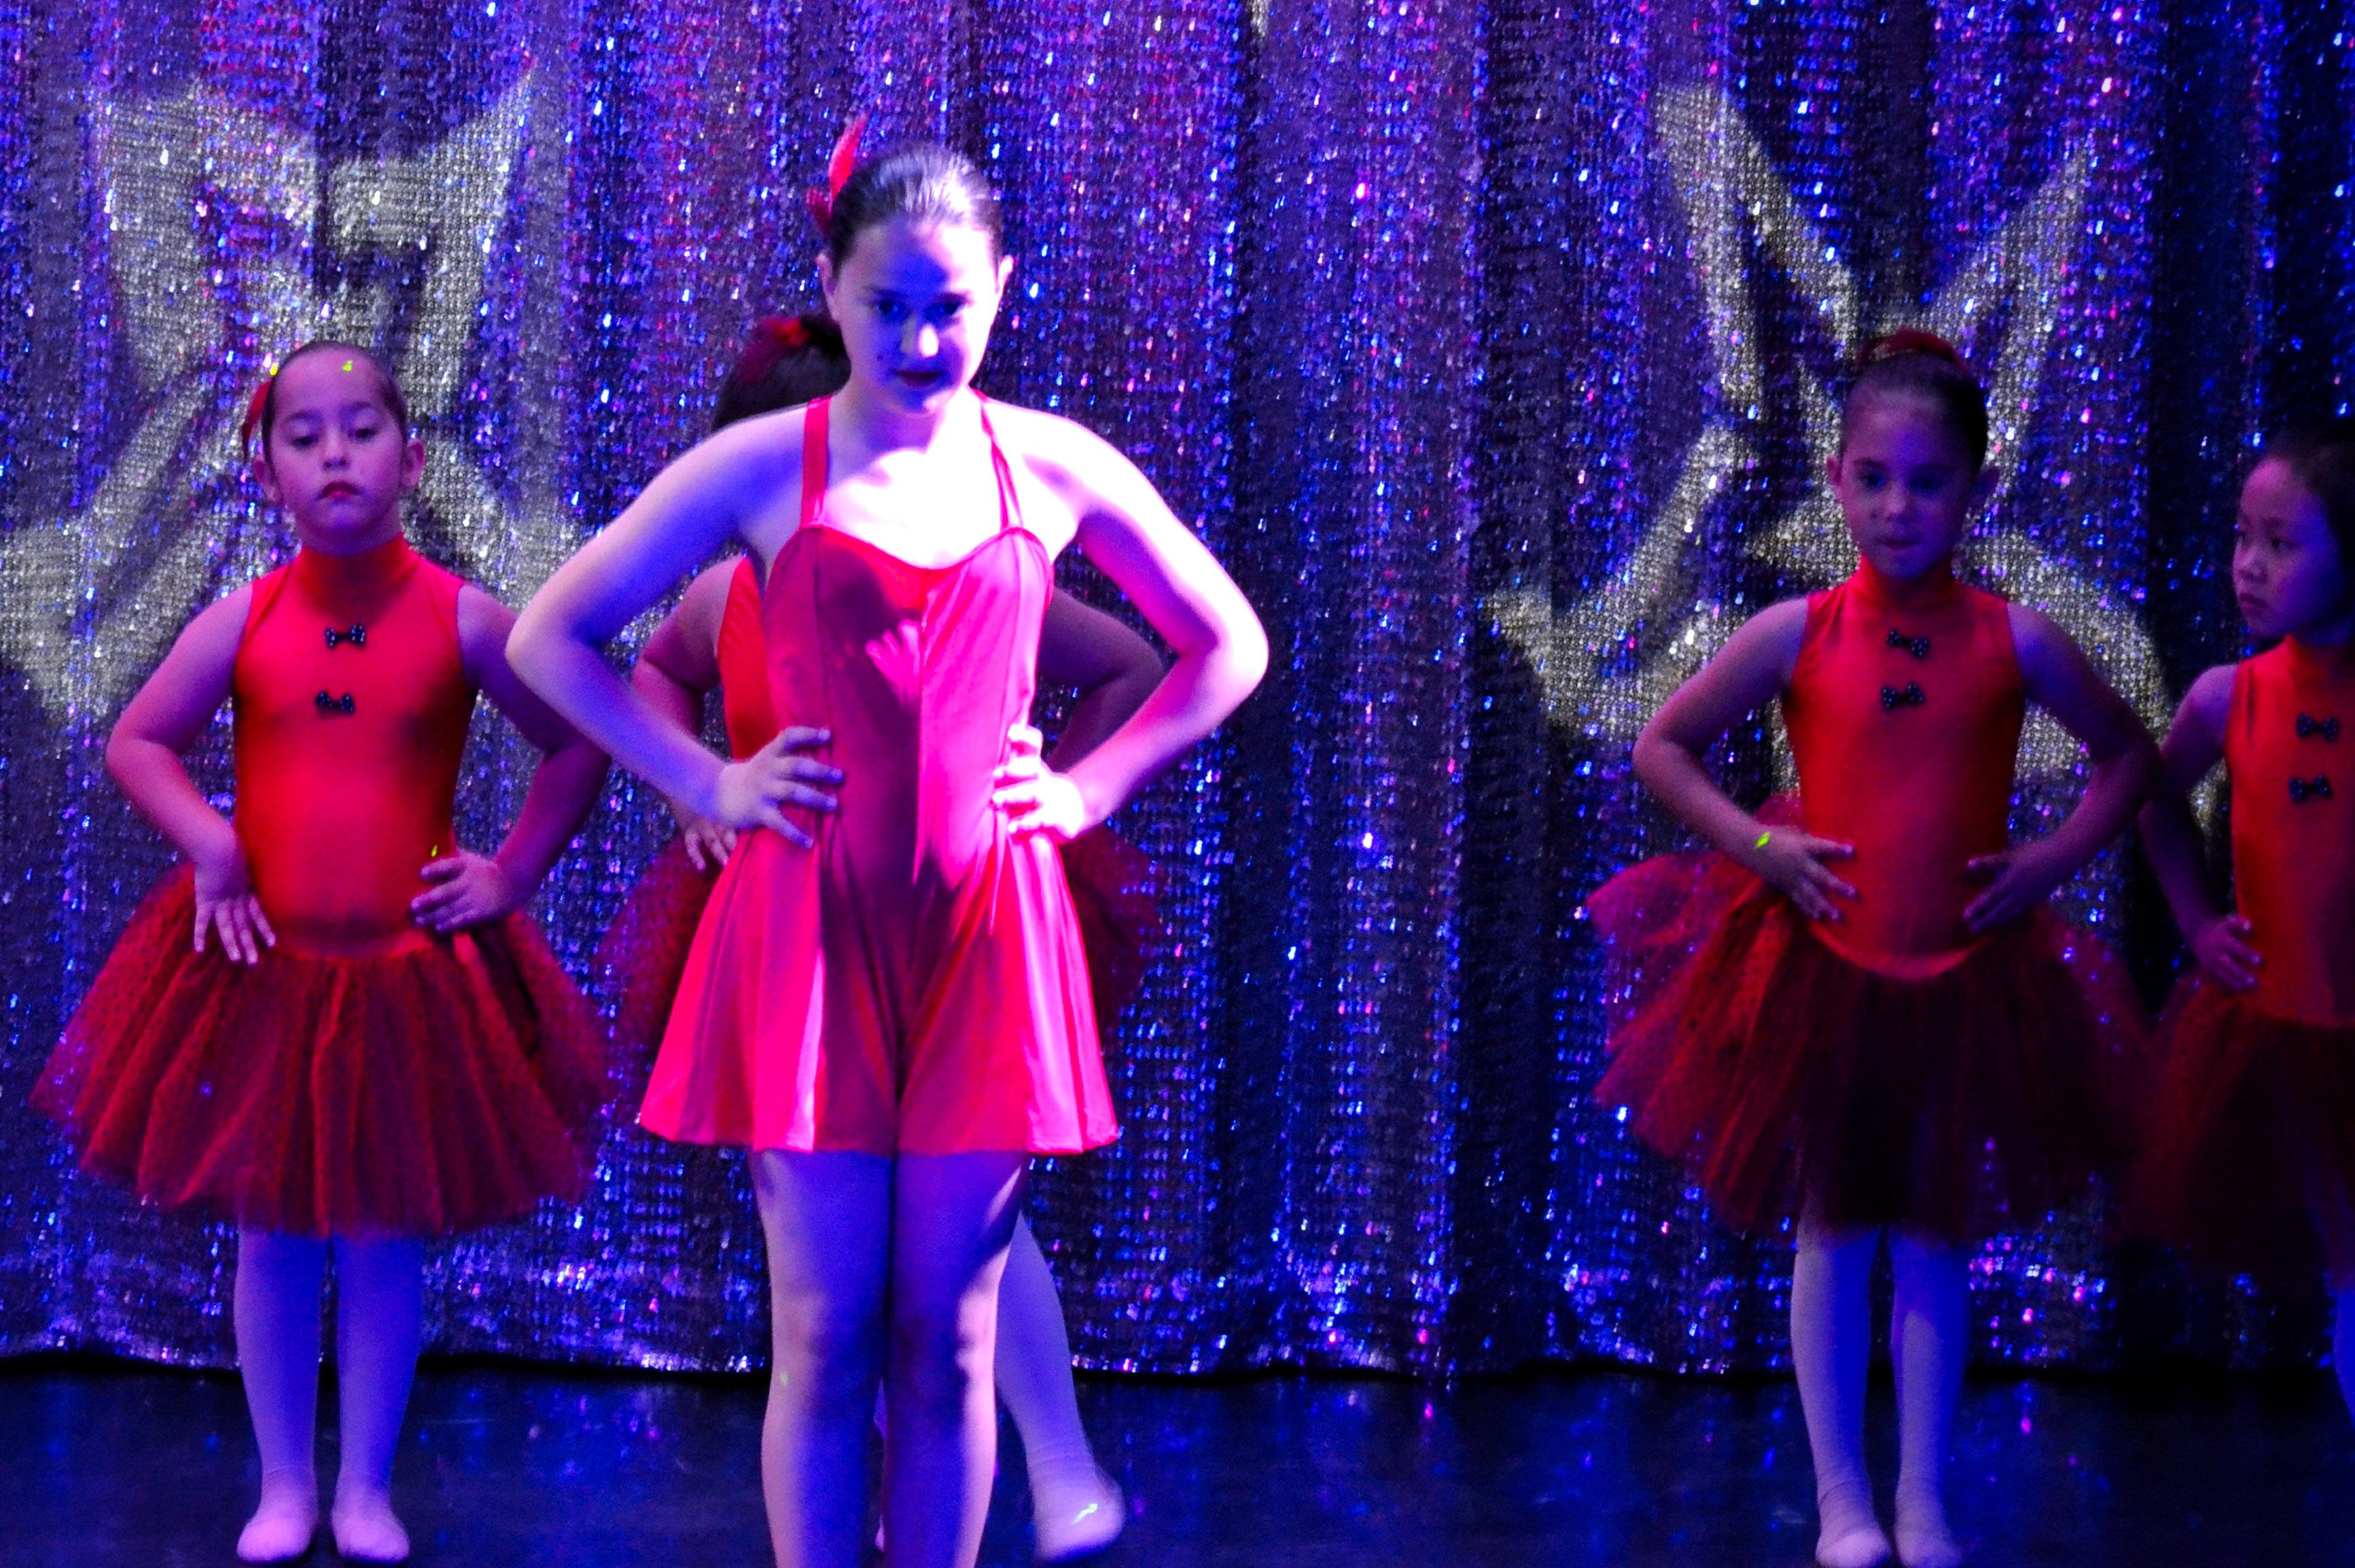 Linea-de-Baile-festival-verano-2015-clases-de-baile-valencia-128